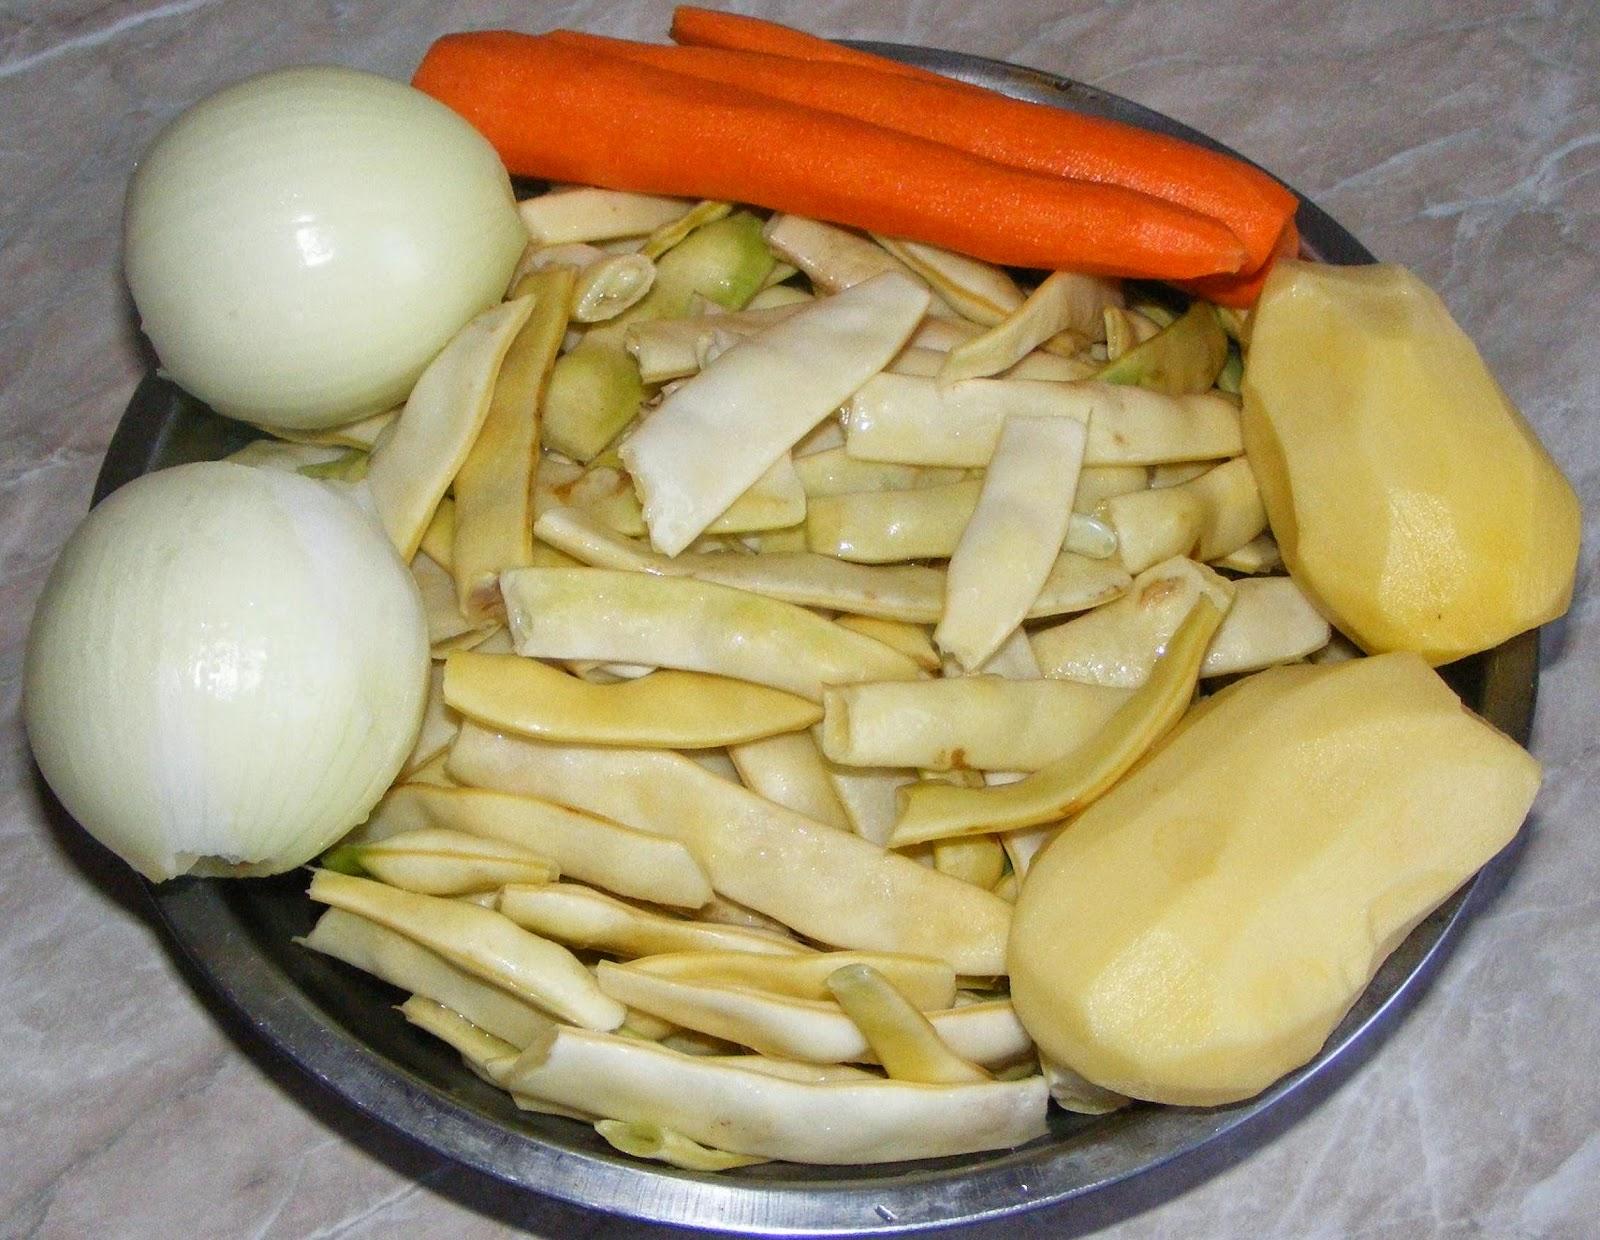 legume proaspete pentru gatit mancare, legume de gradina, legume proaspete, fasole verde, ceapa, morcovi, cartofi, retete cu legume, preparate din legume, retete si preparate culinare din legume, preparare legume,